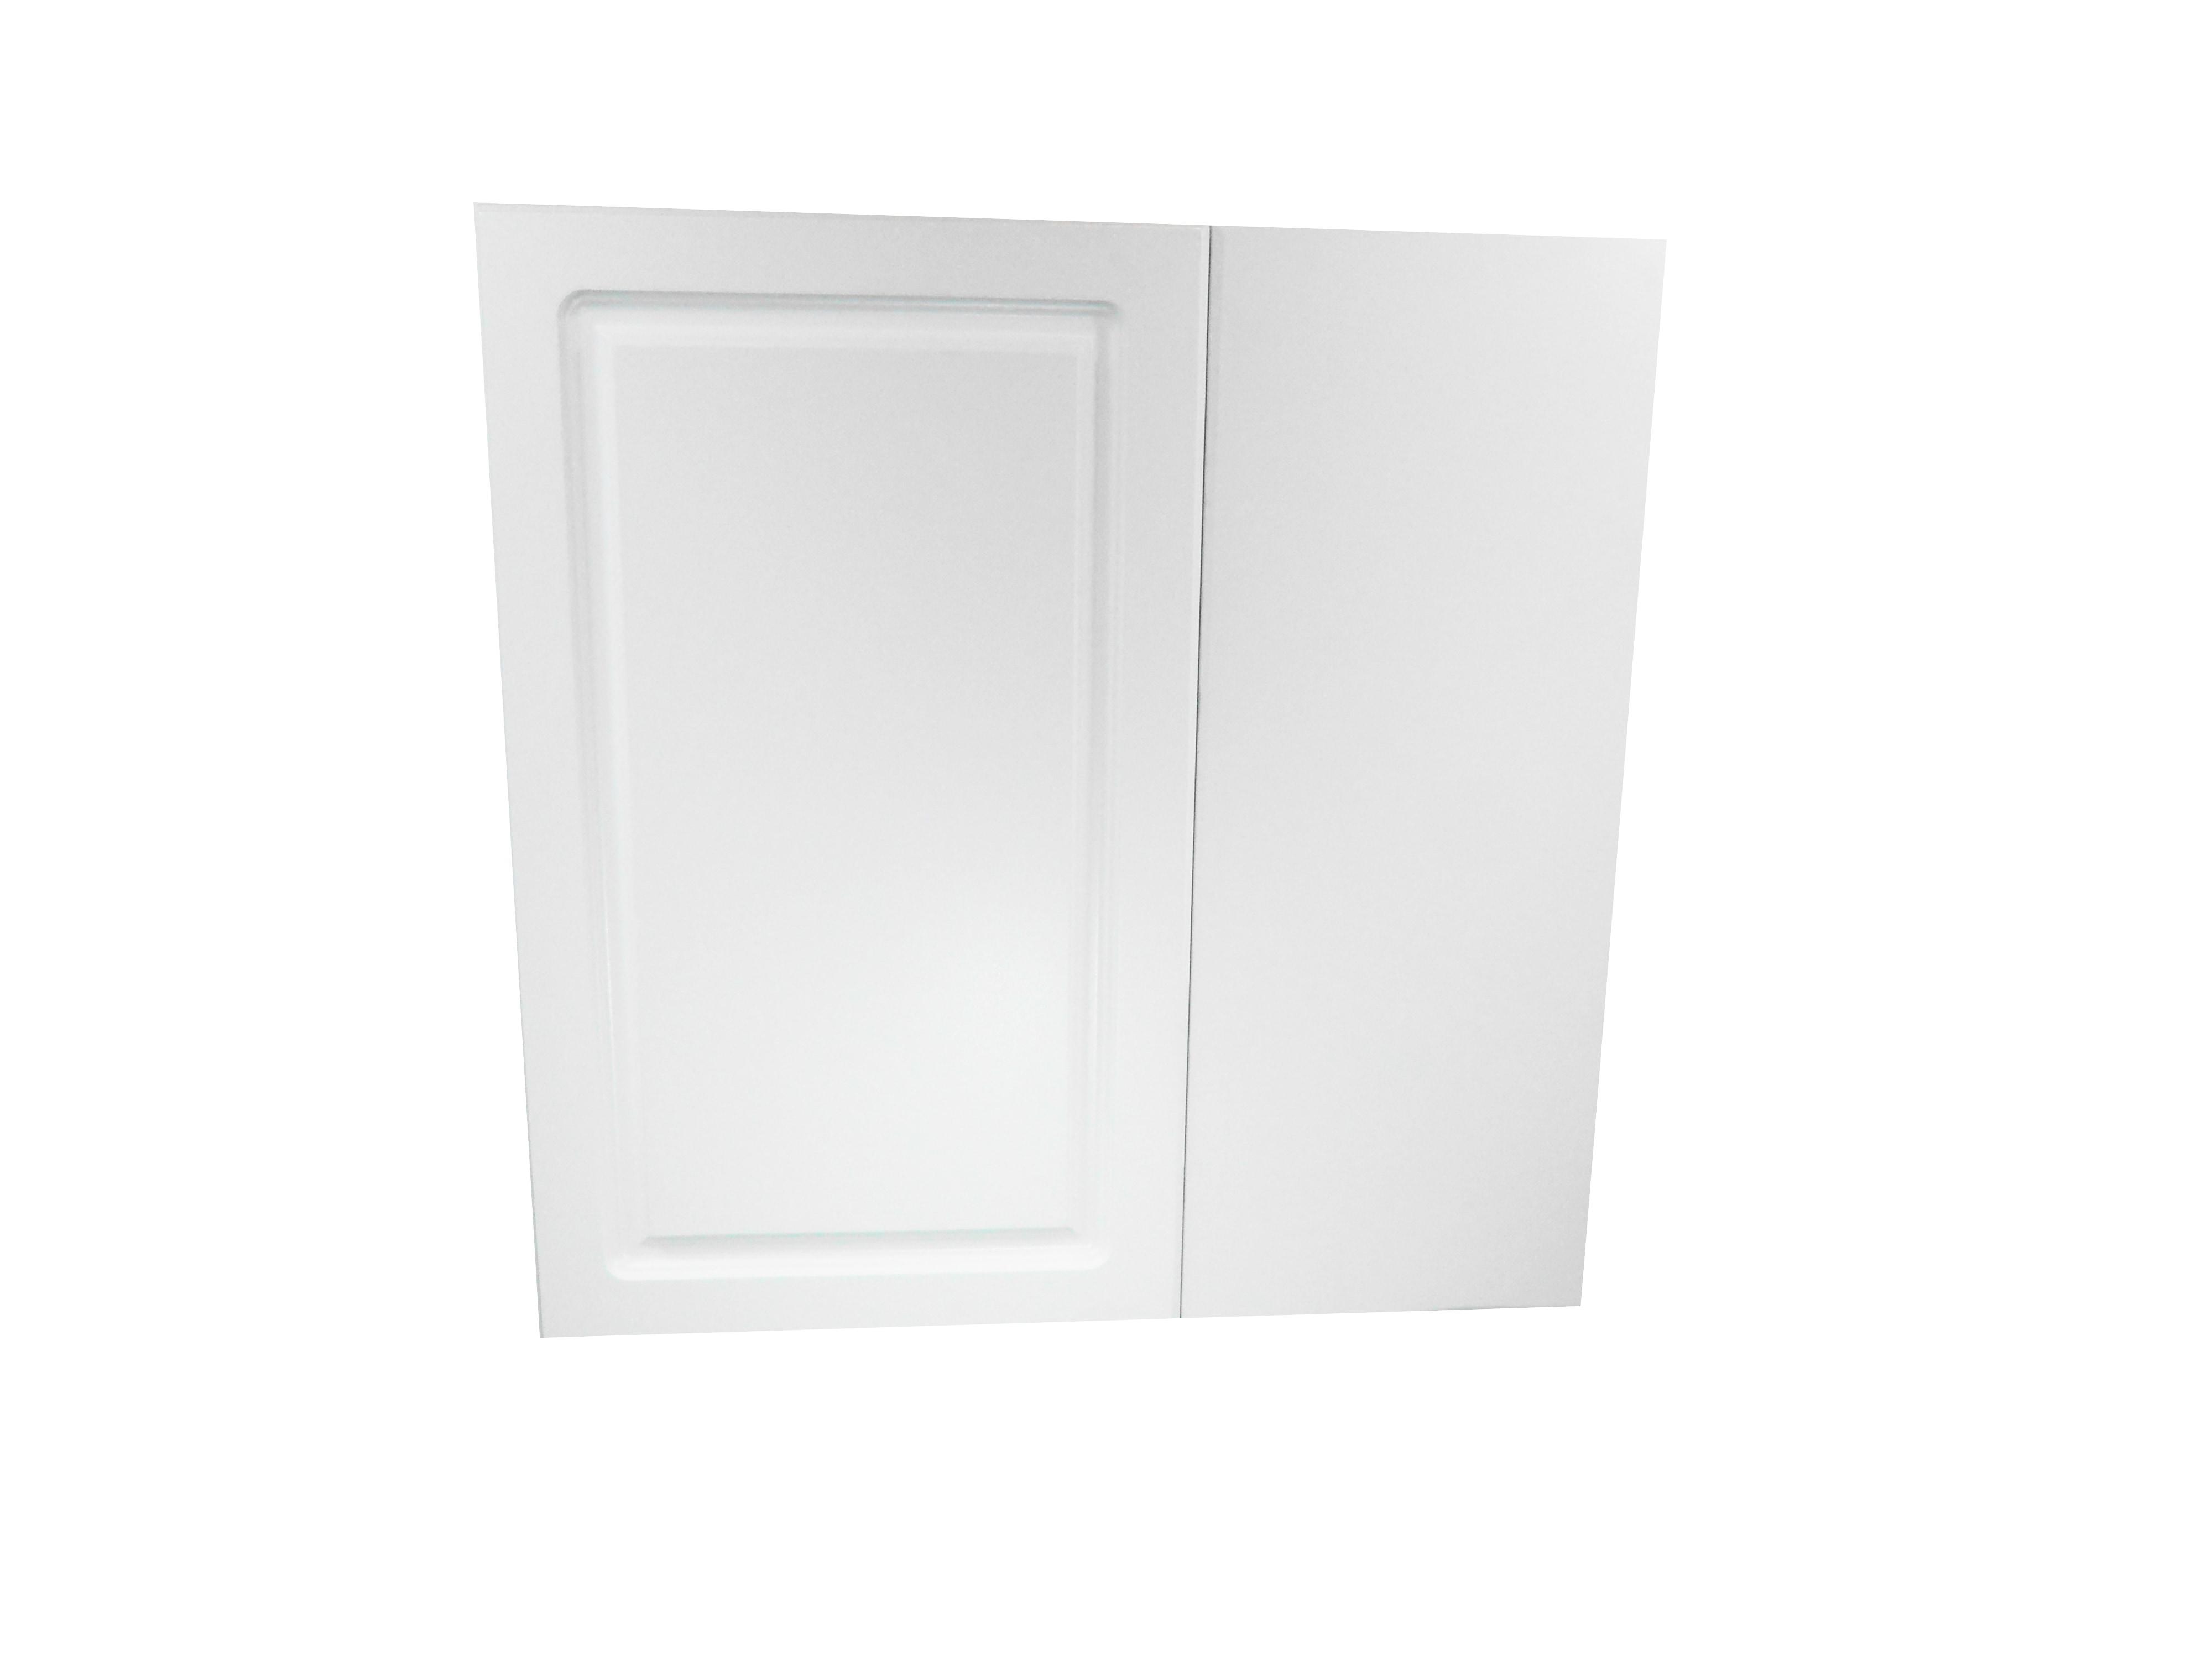 Blind Base Cabinet with Door / San Juan / Raised Panel White / 30 San Juan 0